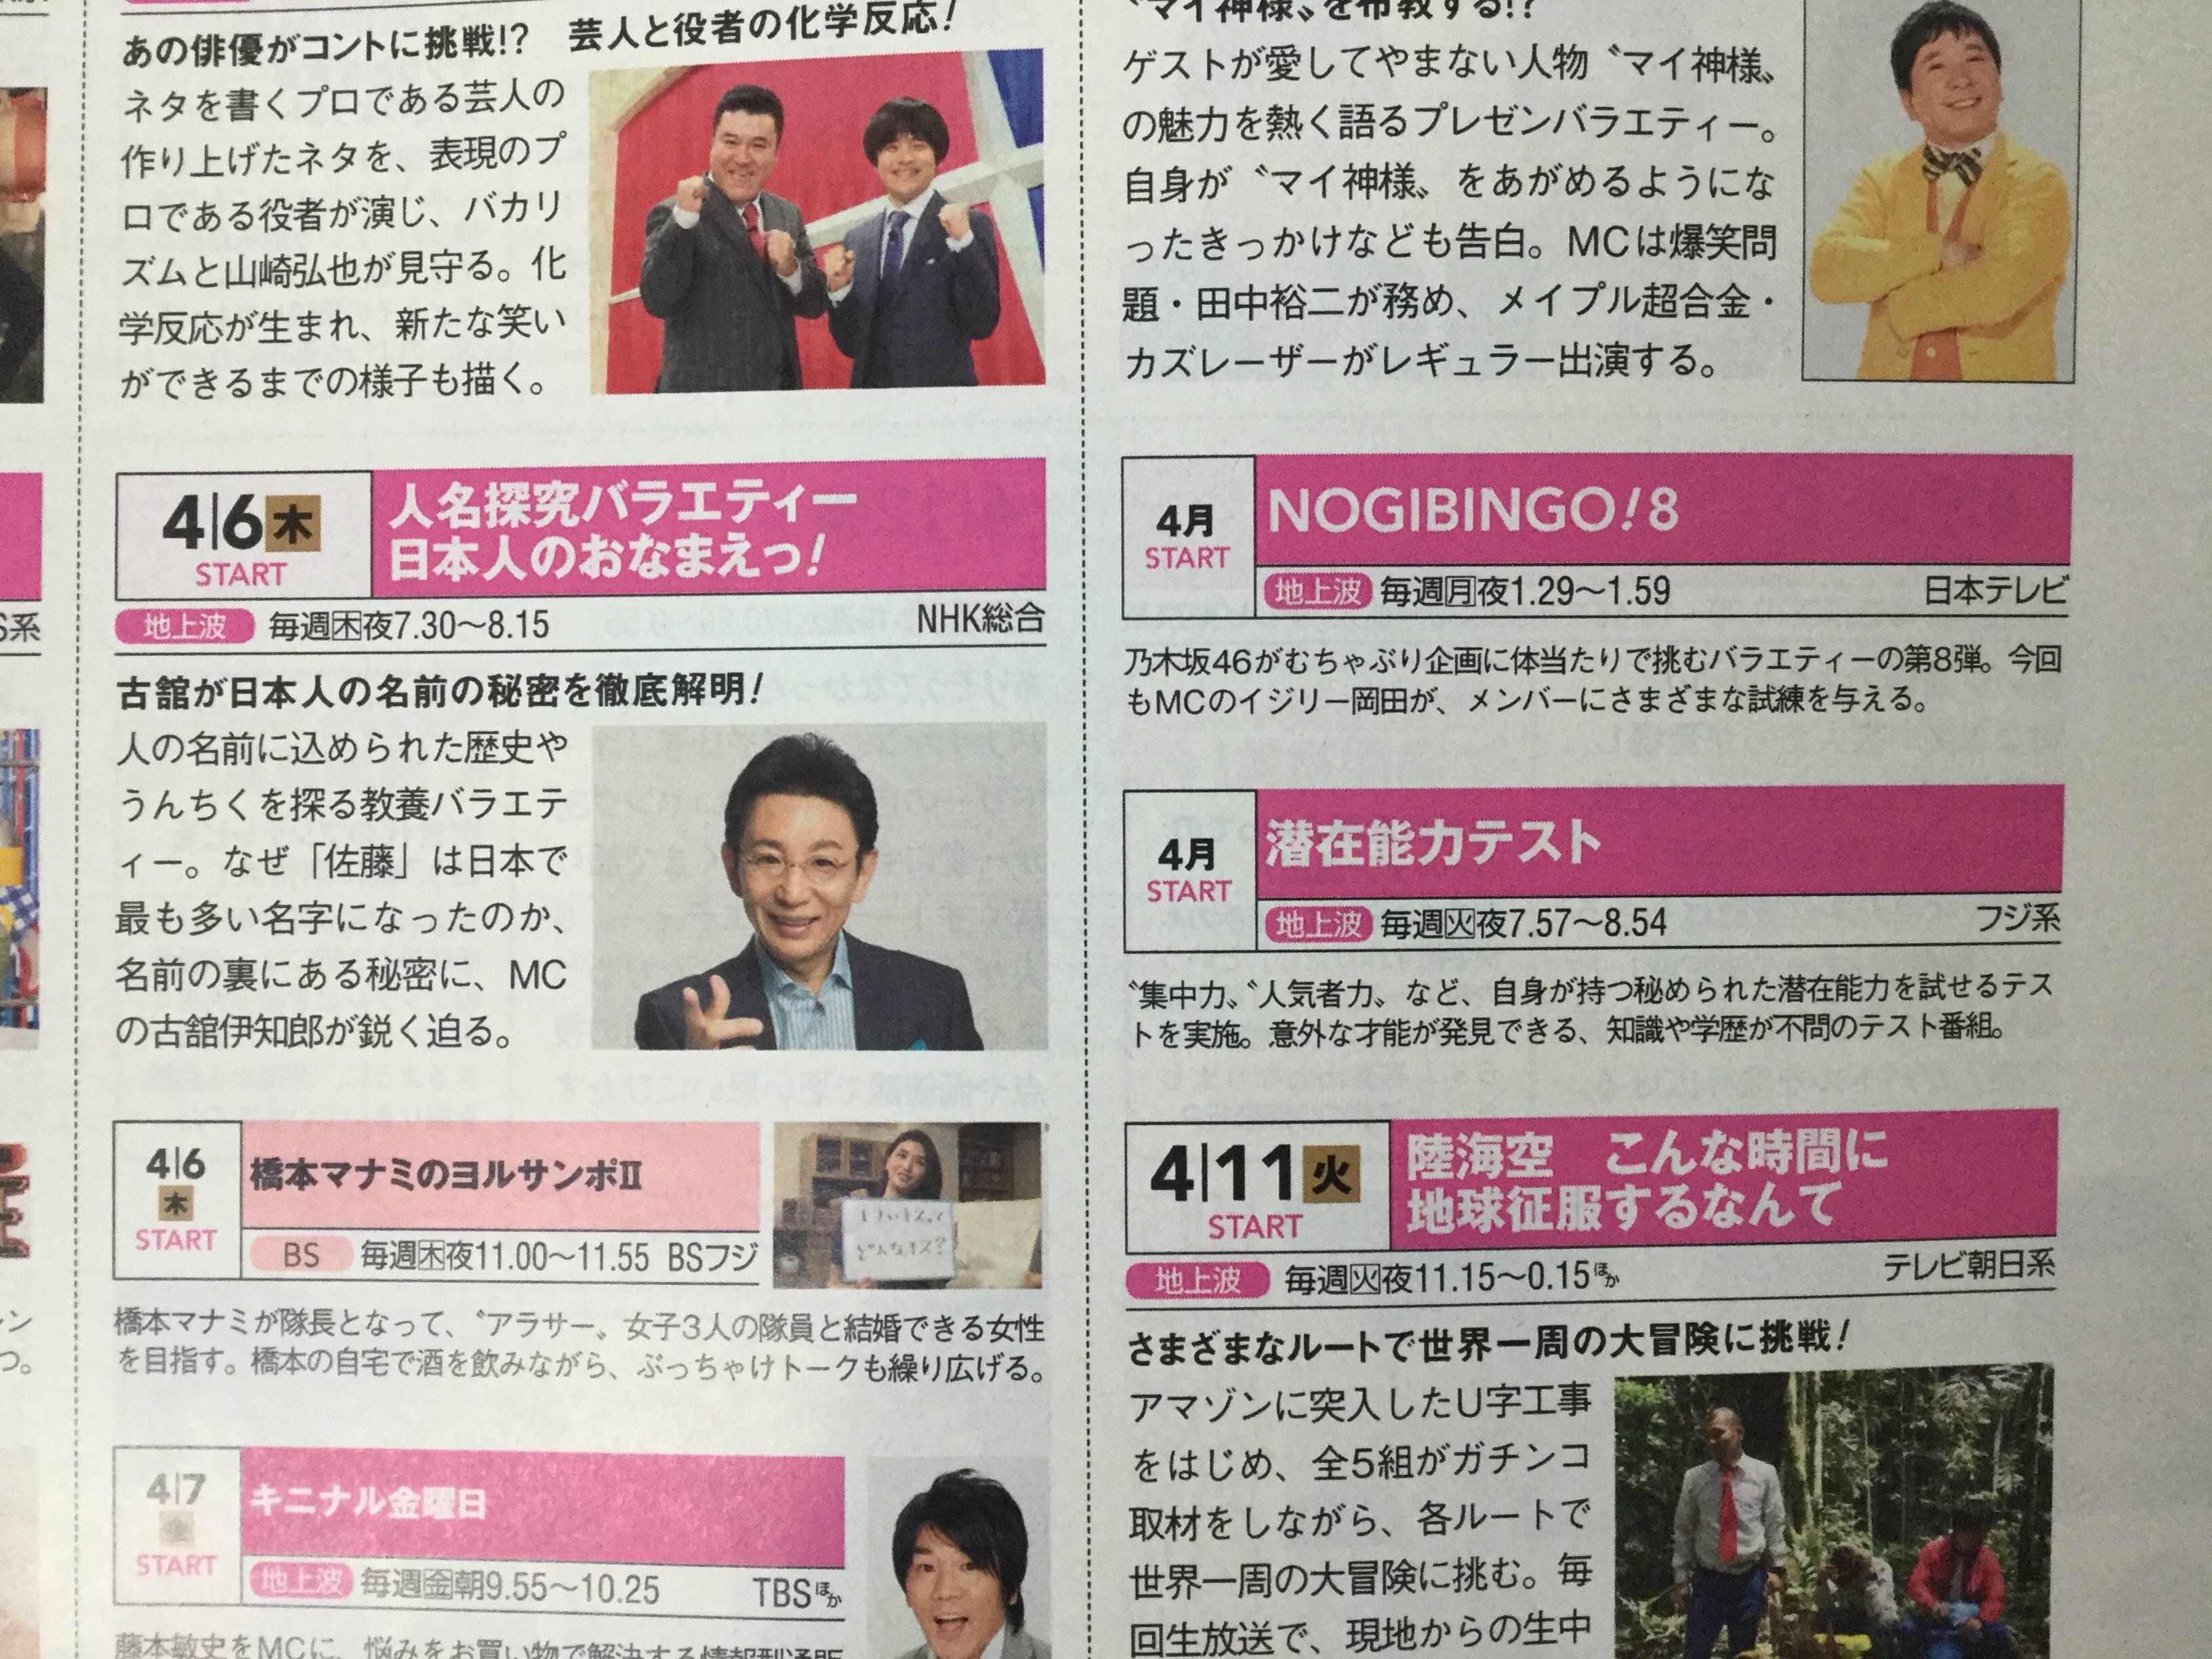 【乃木坂46】4月から「NOGIBINGO!8」放送キタ━━━━(゚∀゚)━━━━!!